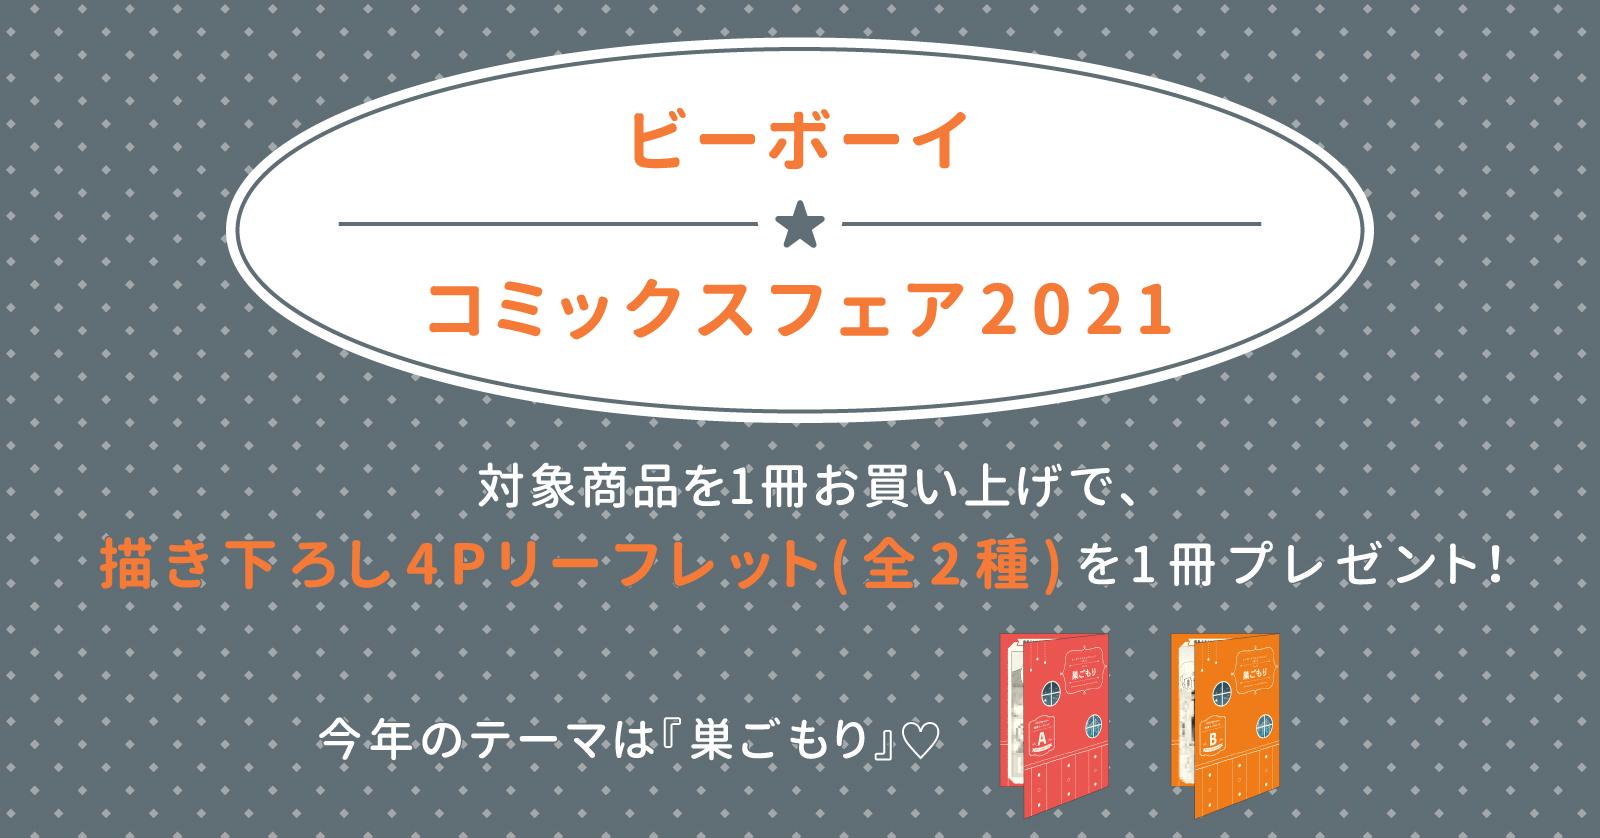 ビーボーイコミックスフェア2021